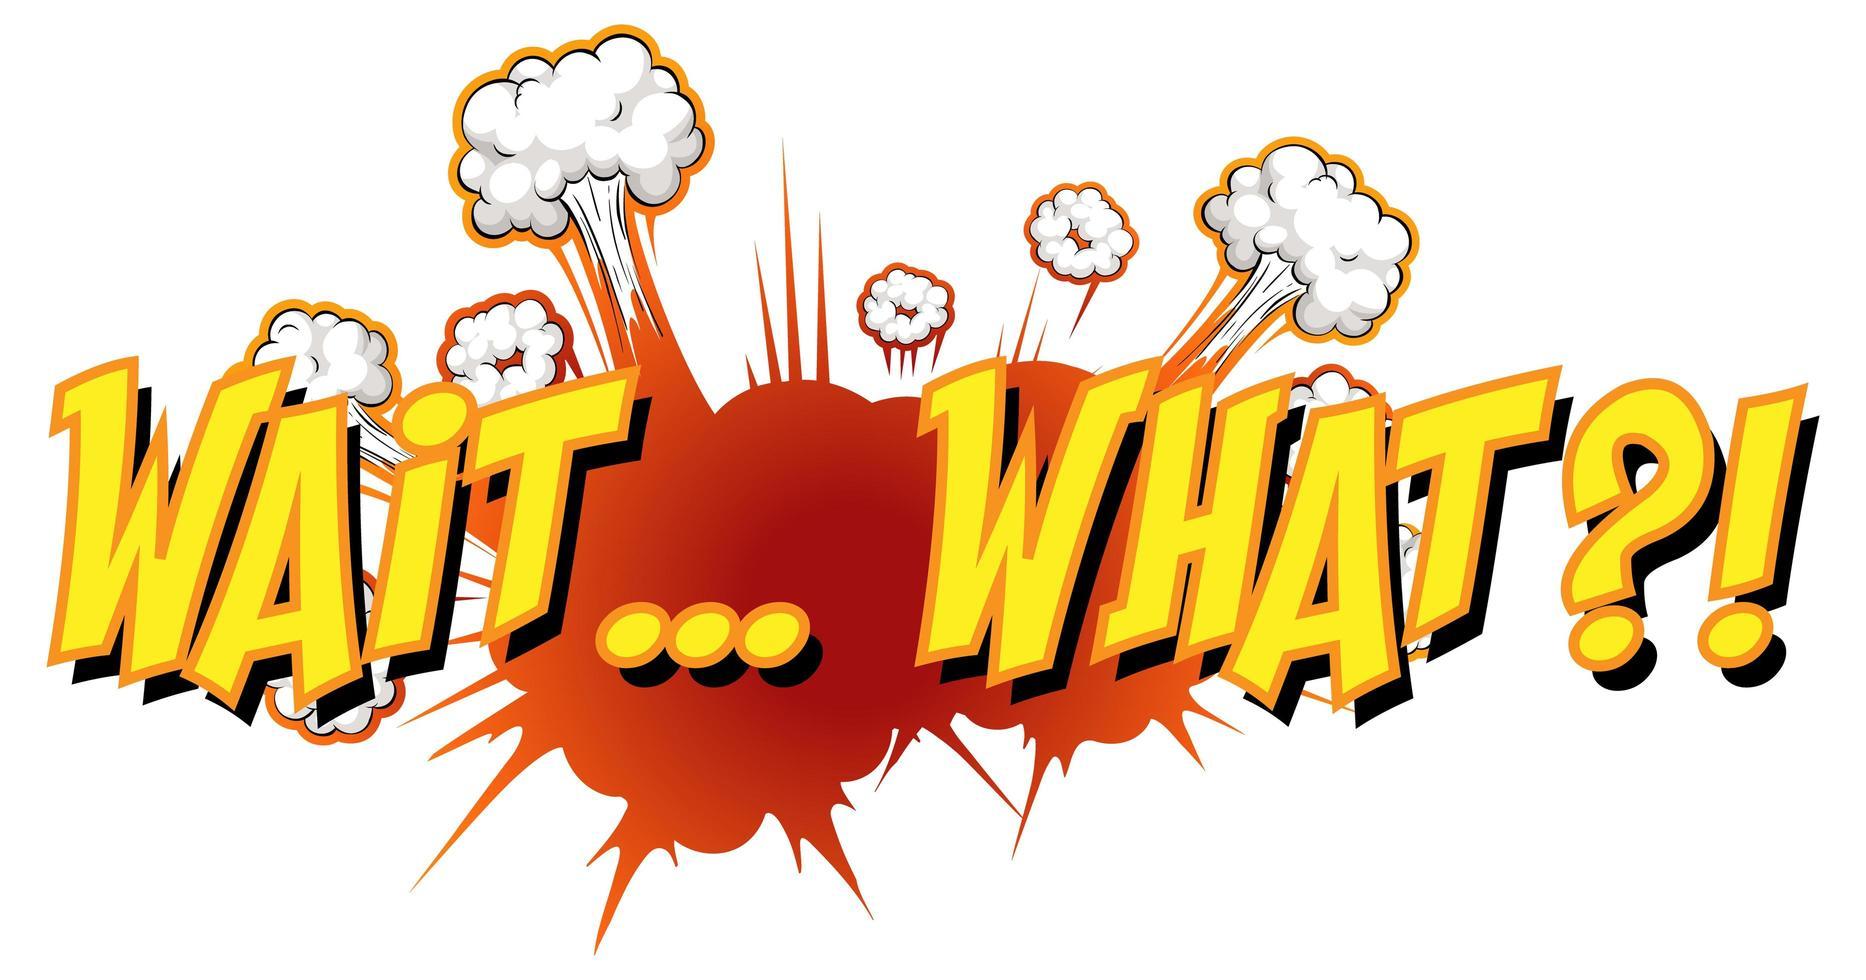 komische tekstballon met wacht wat tekst vector